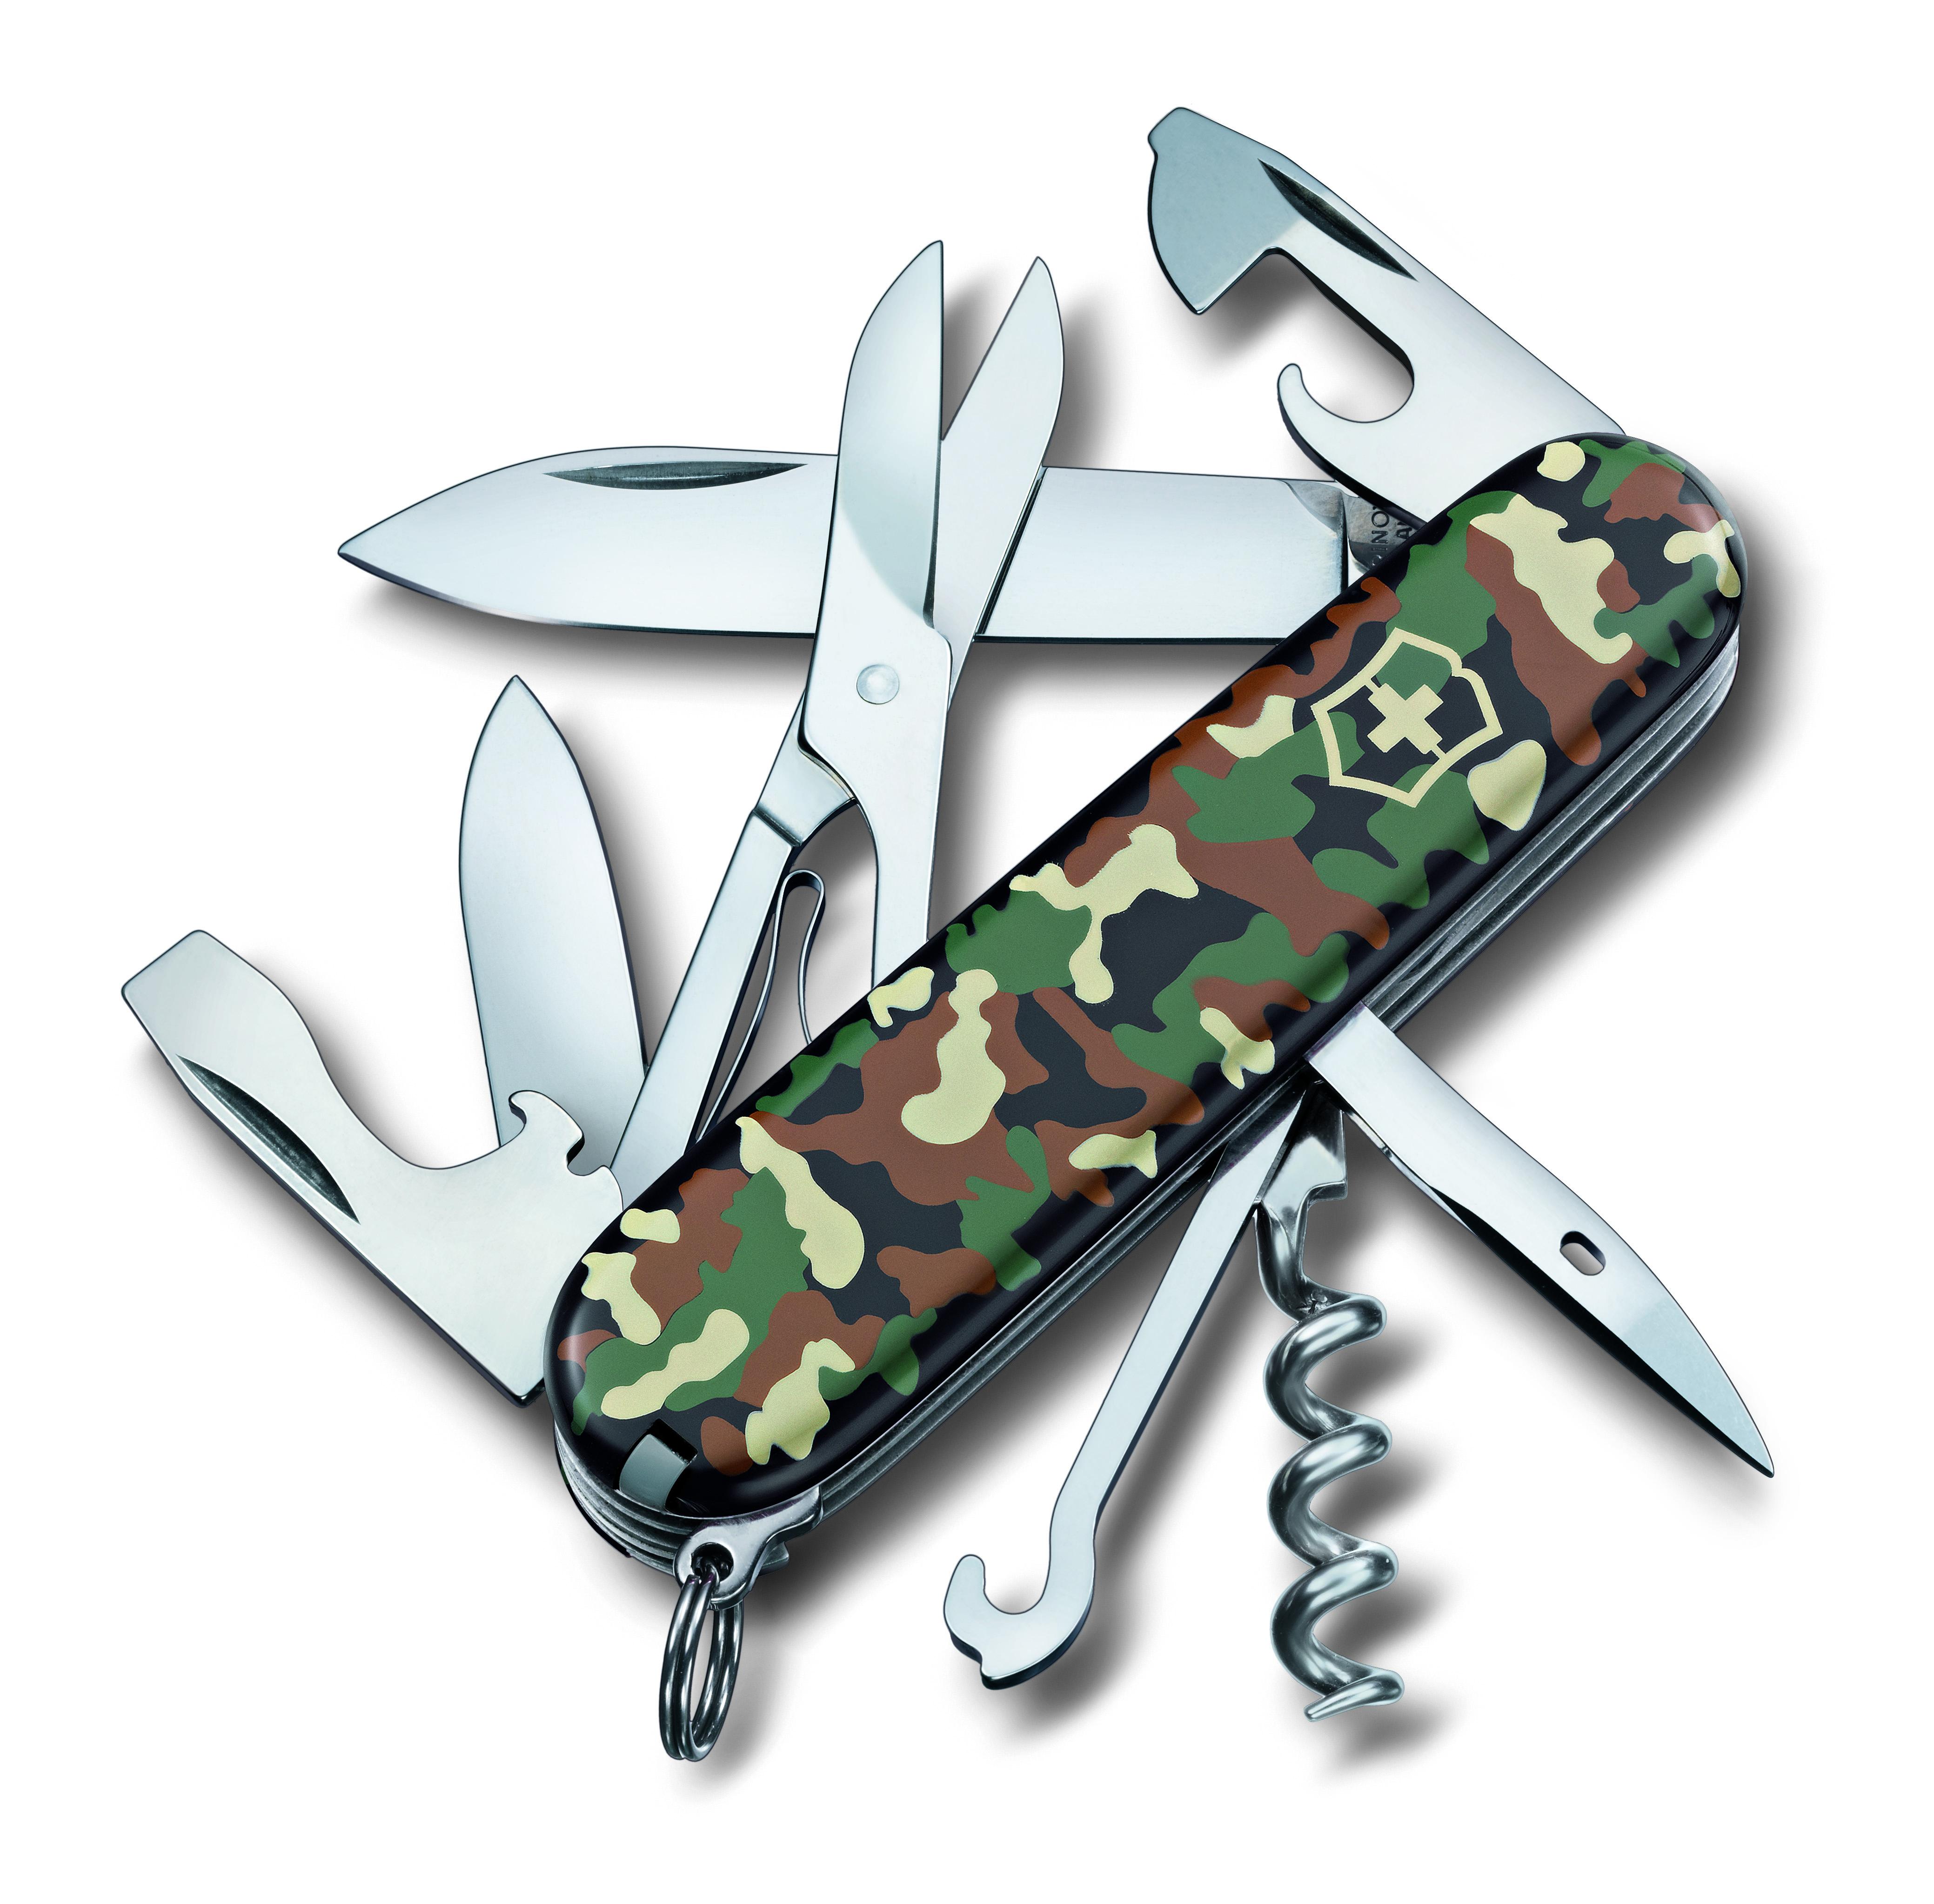 Нож перочинный Victorinox Climber, 14 функций, цвет: камуфляж, длина 9,1 см1.3703.94Лезвие перочинного складного ножа Victorinox Climber изготовлено из высококачественной нержавеющей стали. Ручка, выполненная из прочного пластика, обеспечивает надежный и удобный хват.Хорошее качество, надежный долговечный материал и эргономичная рукоятка - что может быть удобнее на природе или на пикнике! Функции ножа:- Большое лезвие.- Малое лезвие.- Штопор.- Консервный нож.- Малая отвертка.- Открывалка для бутылок.- Отвертка.- Инструмент для снятия изоляции.- Шило, кернер.- Кольцо для ключей.- Пинцет.- Зубочистка.- Ножницы.- Многофункциональный крючок.